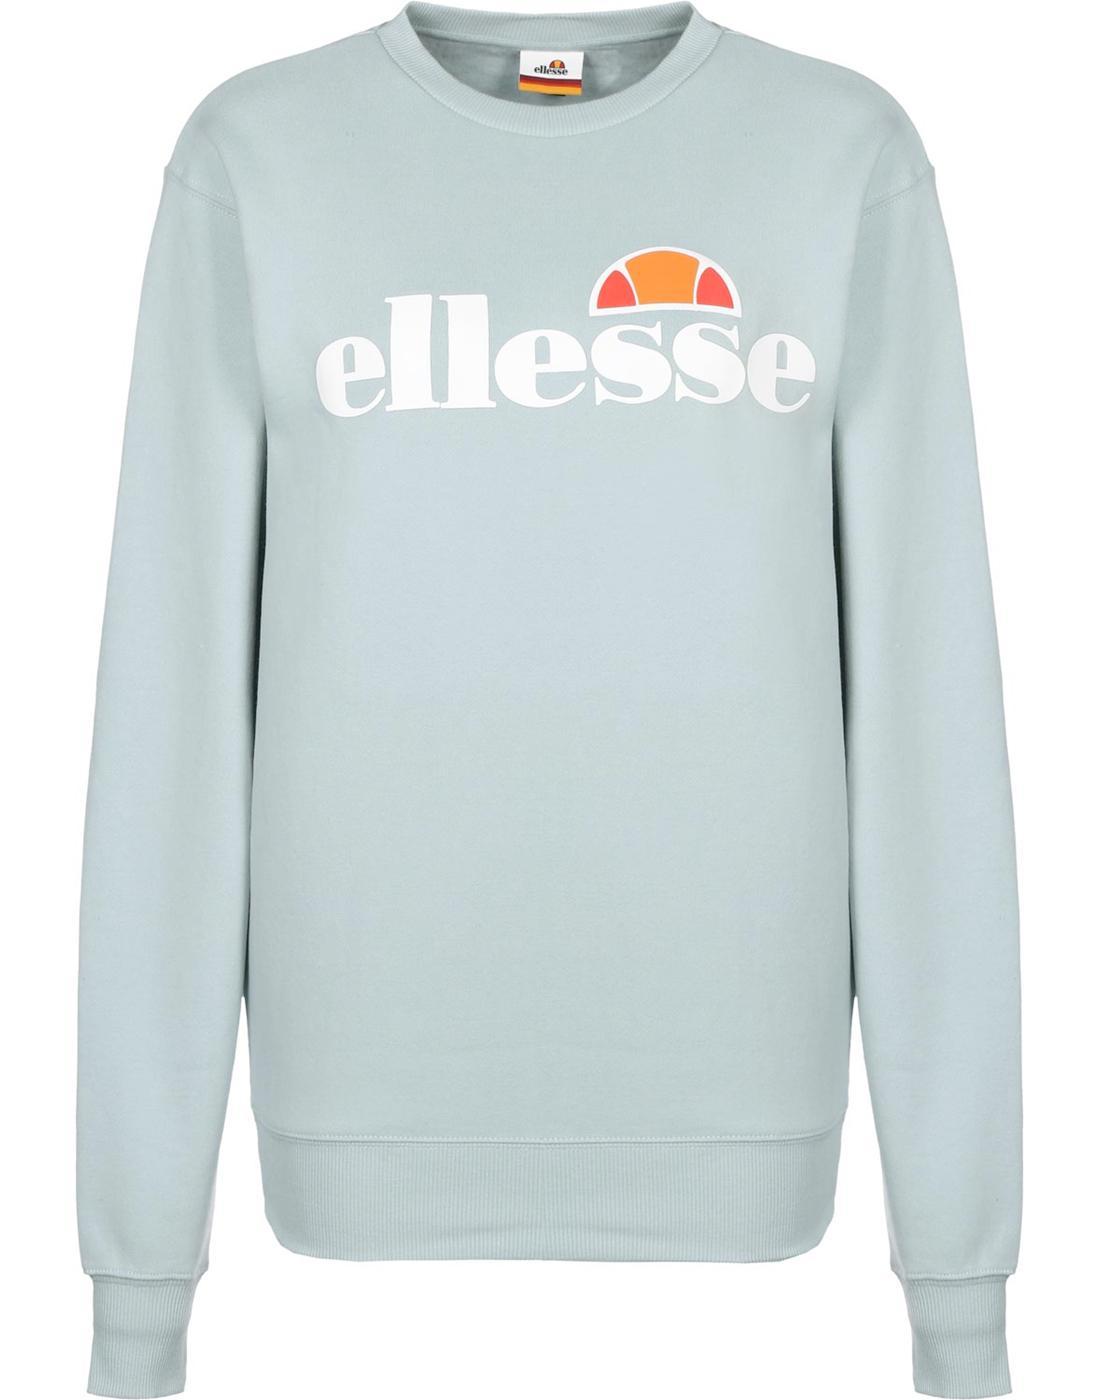 Agata ELLESSE Classic Retro 80's Crew Neck Sweater